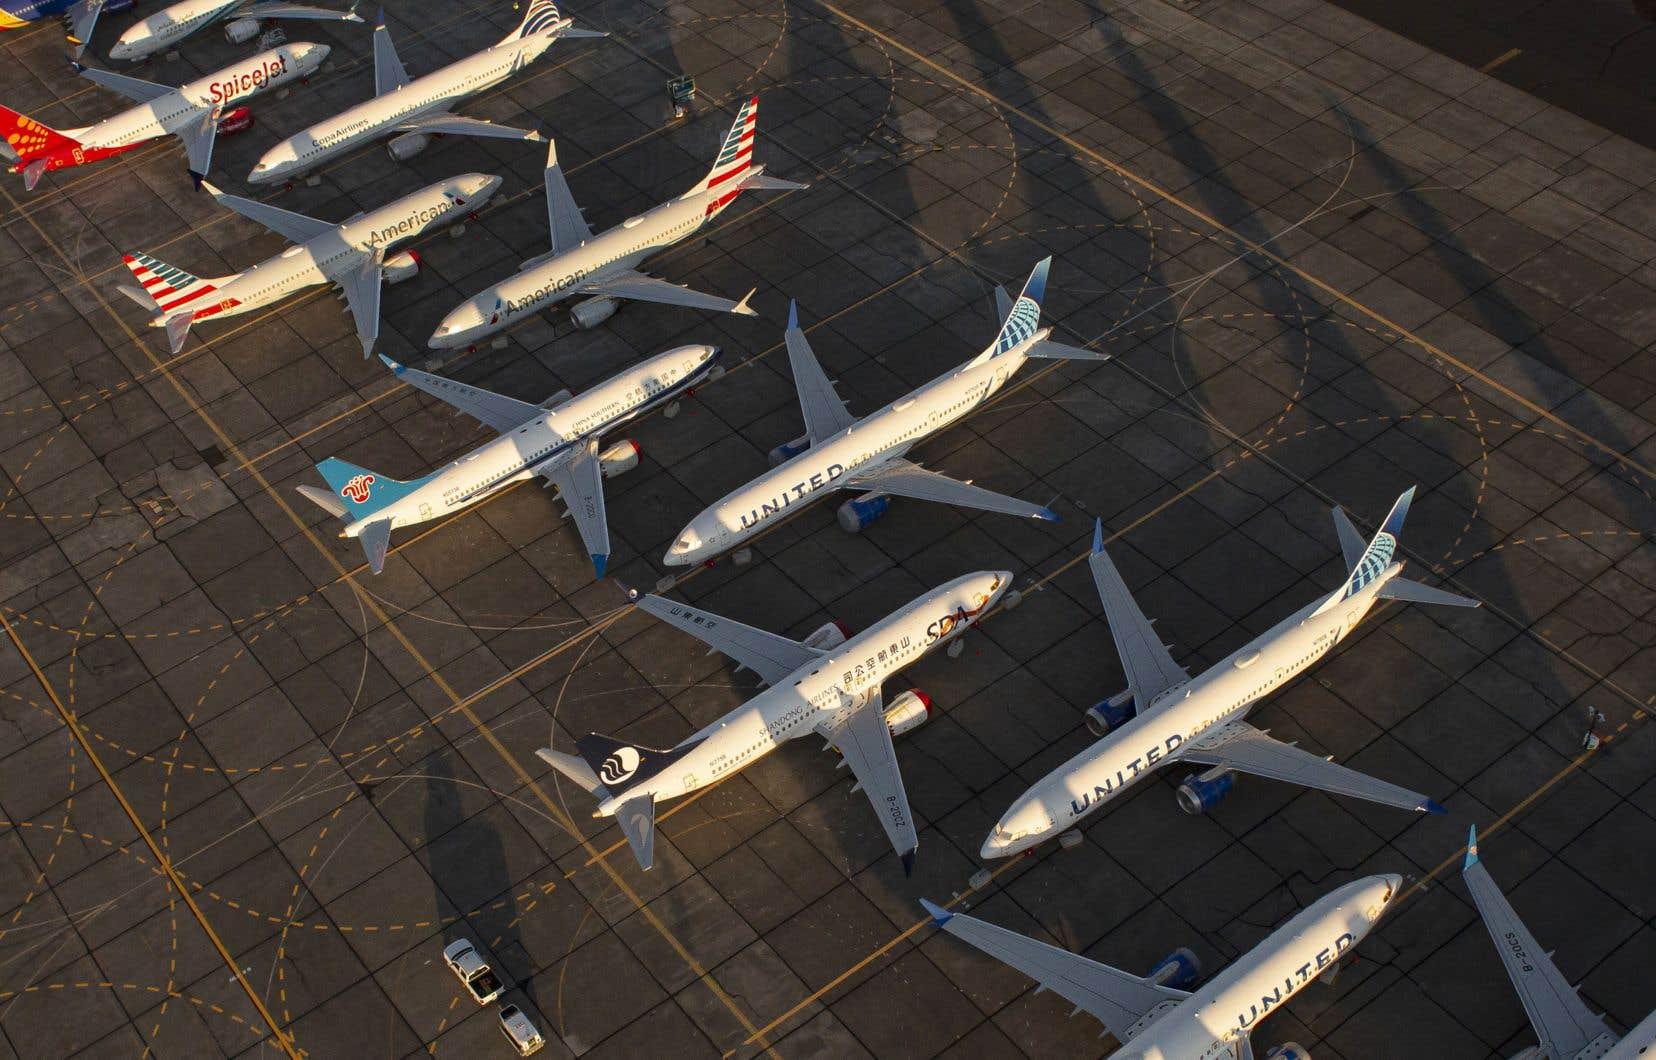 Des Boeing 737 MAX sont stationnés à l'aéroport international de Grant County à Moses Lake, dans l'État de Washington.